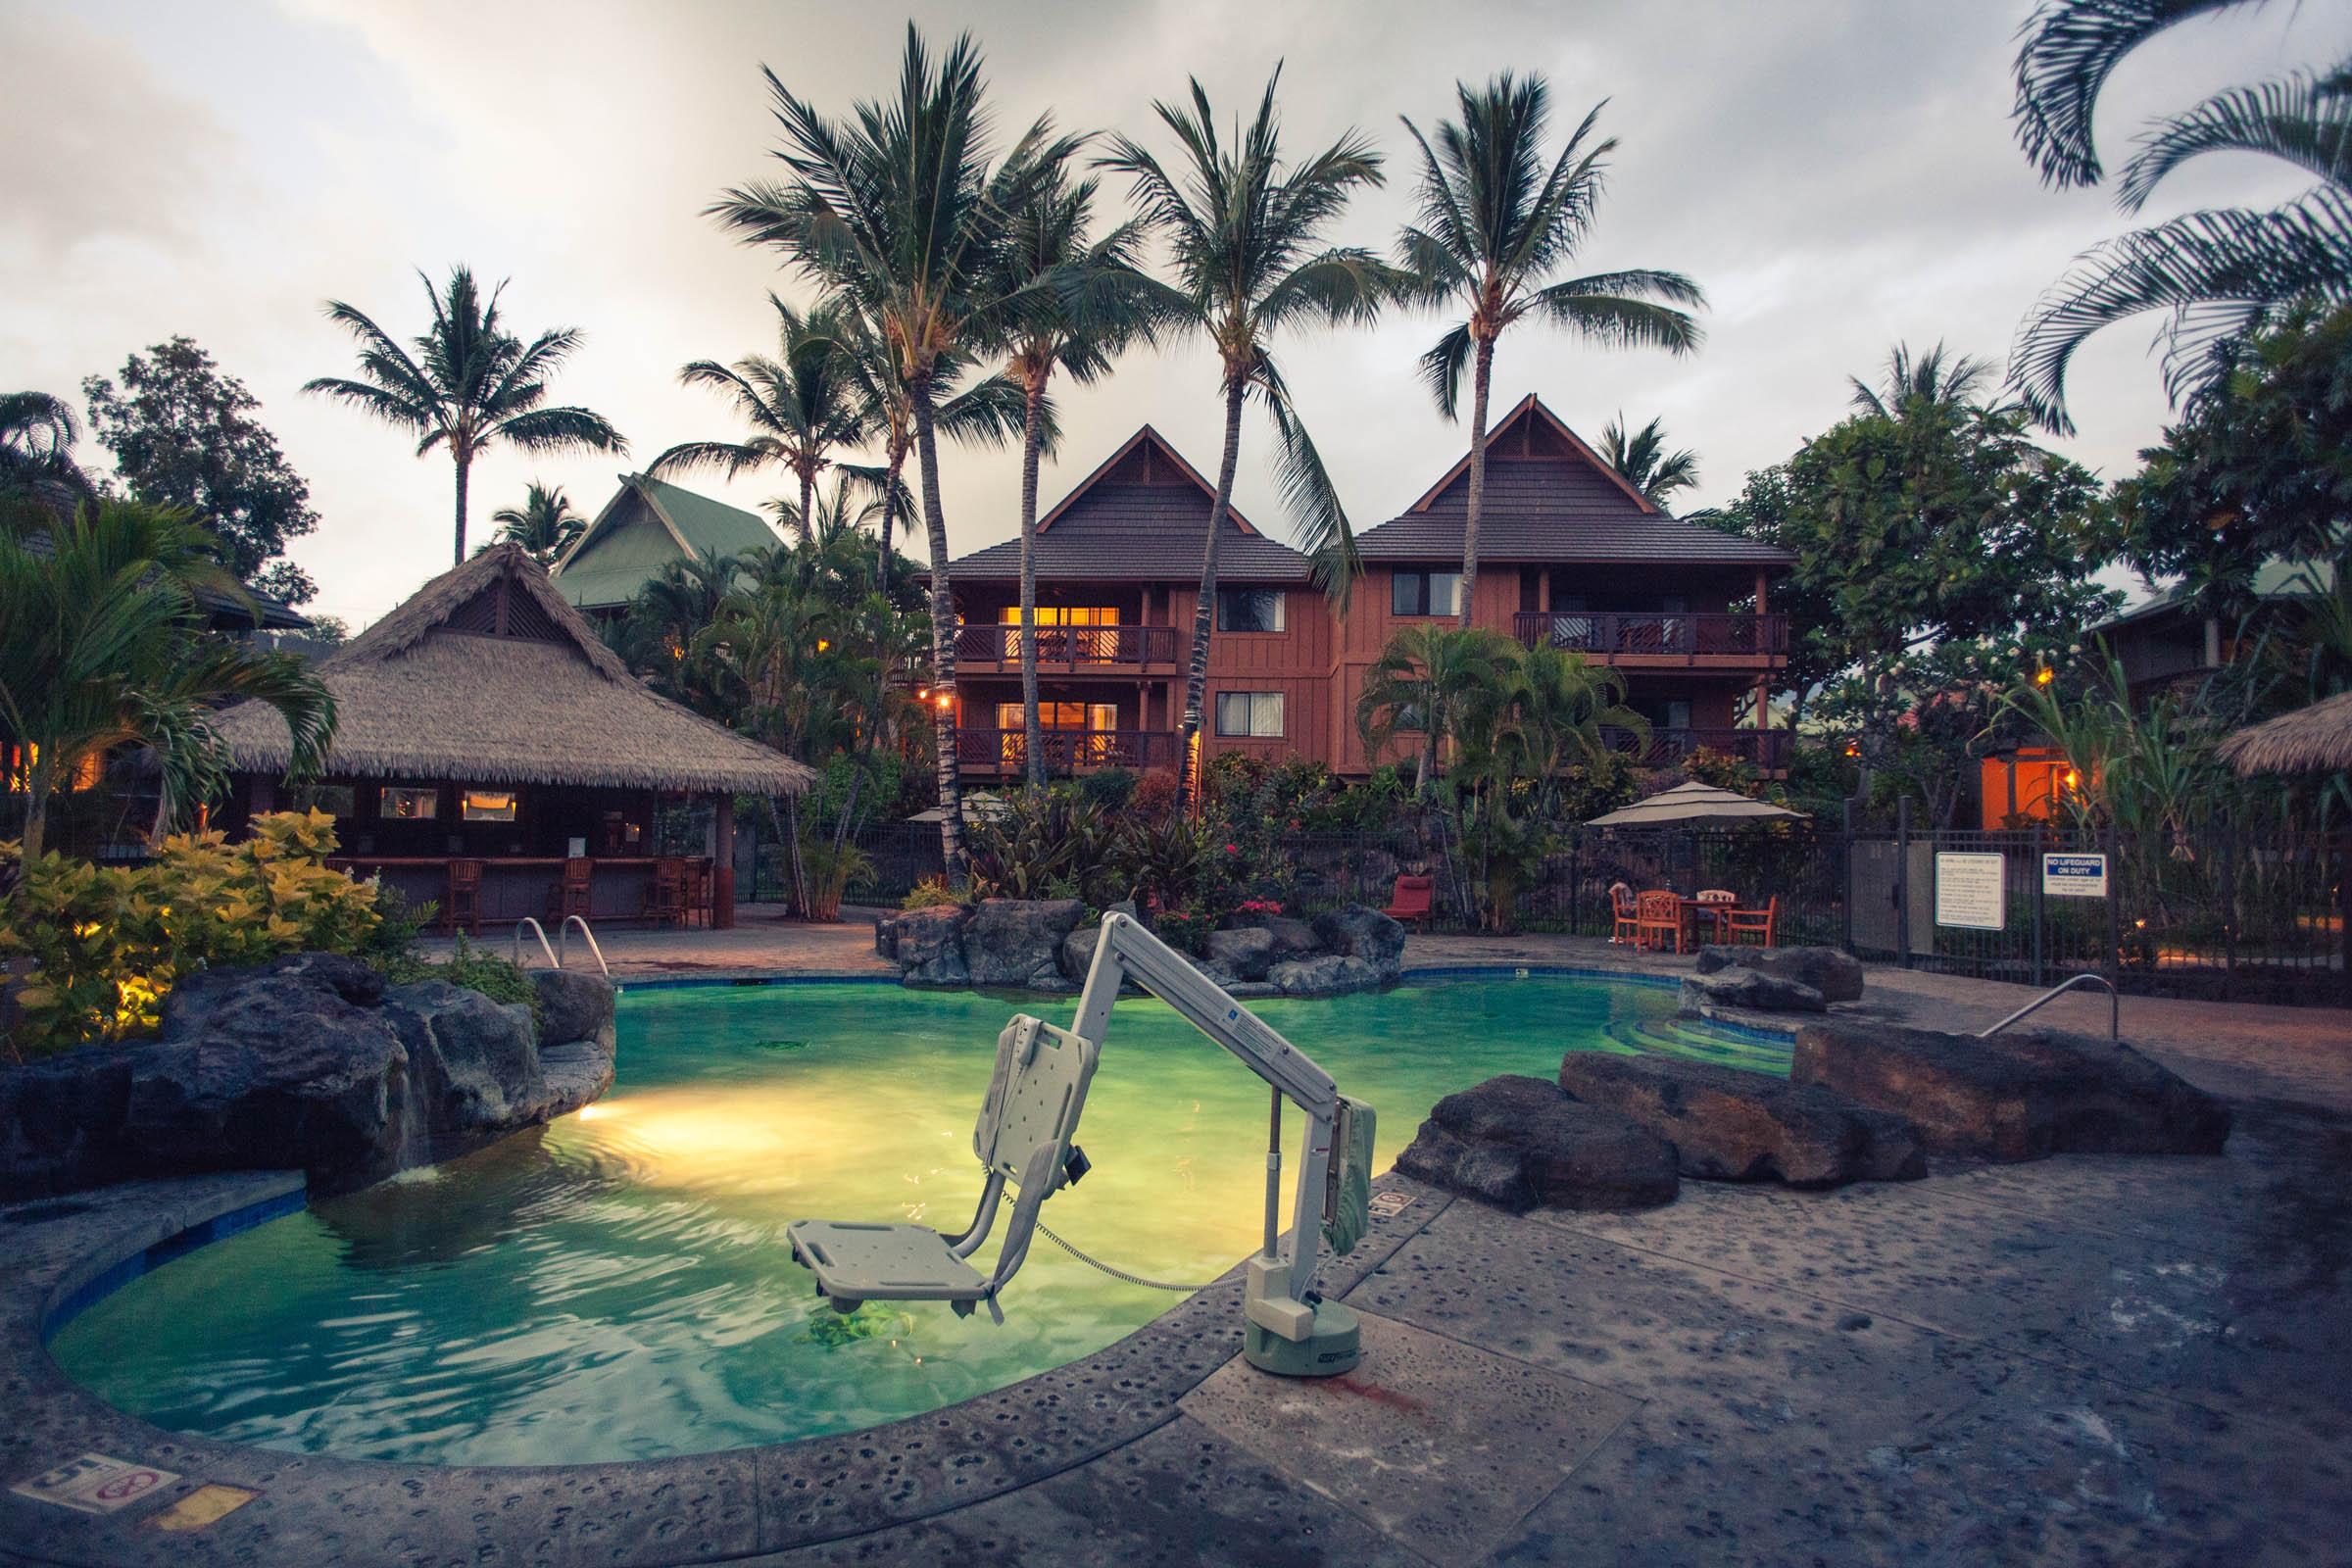 Kona Hawaiian Resort Two Bedroom